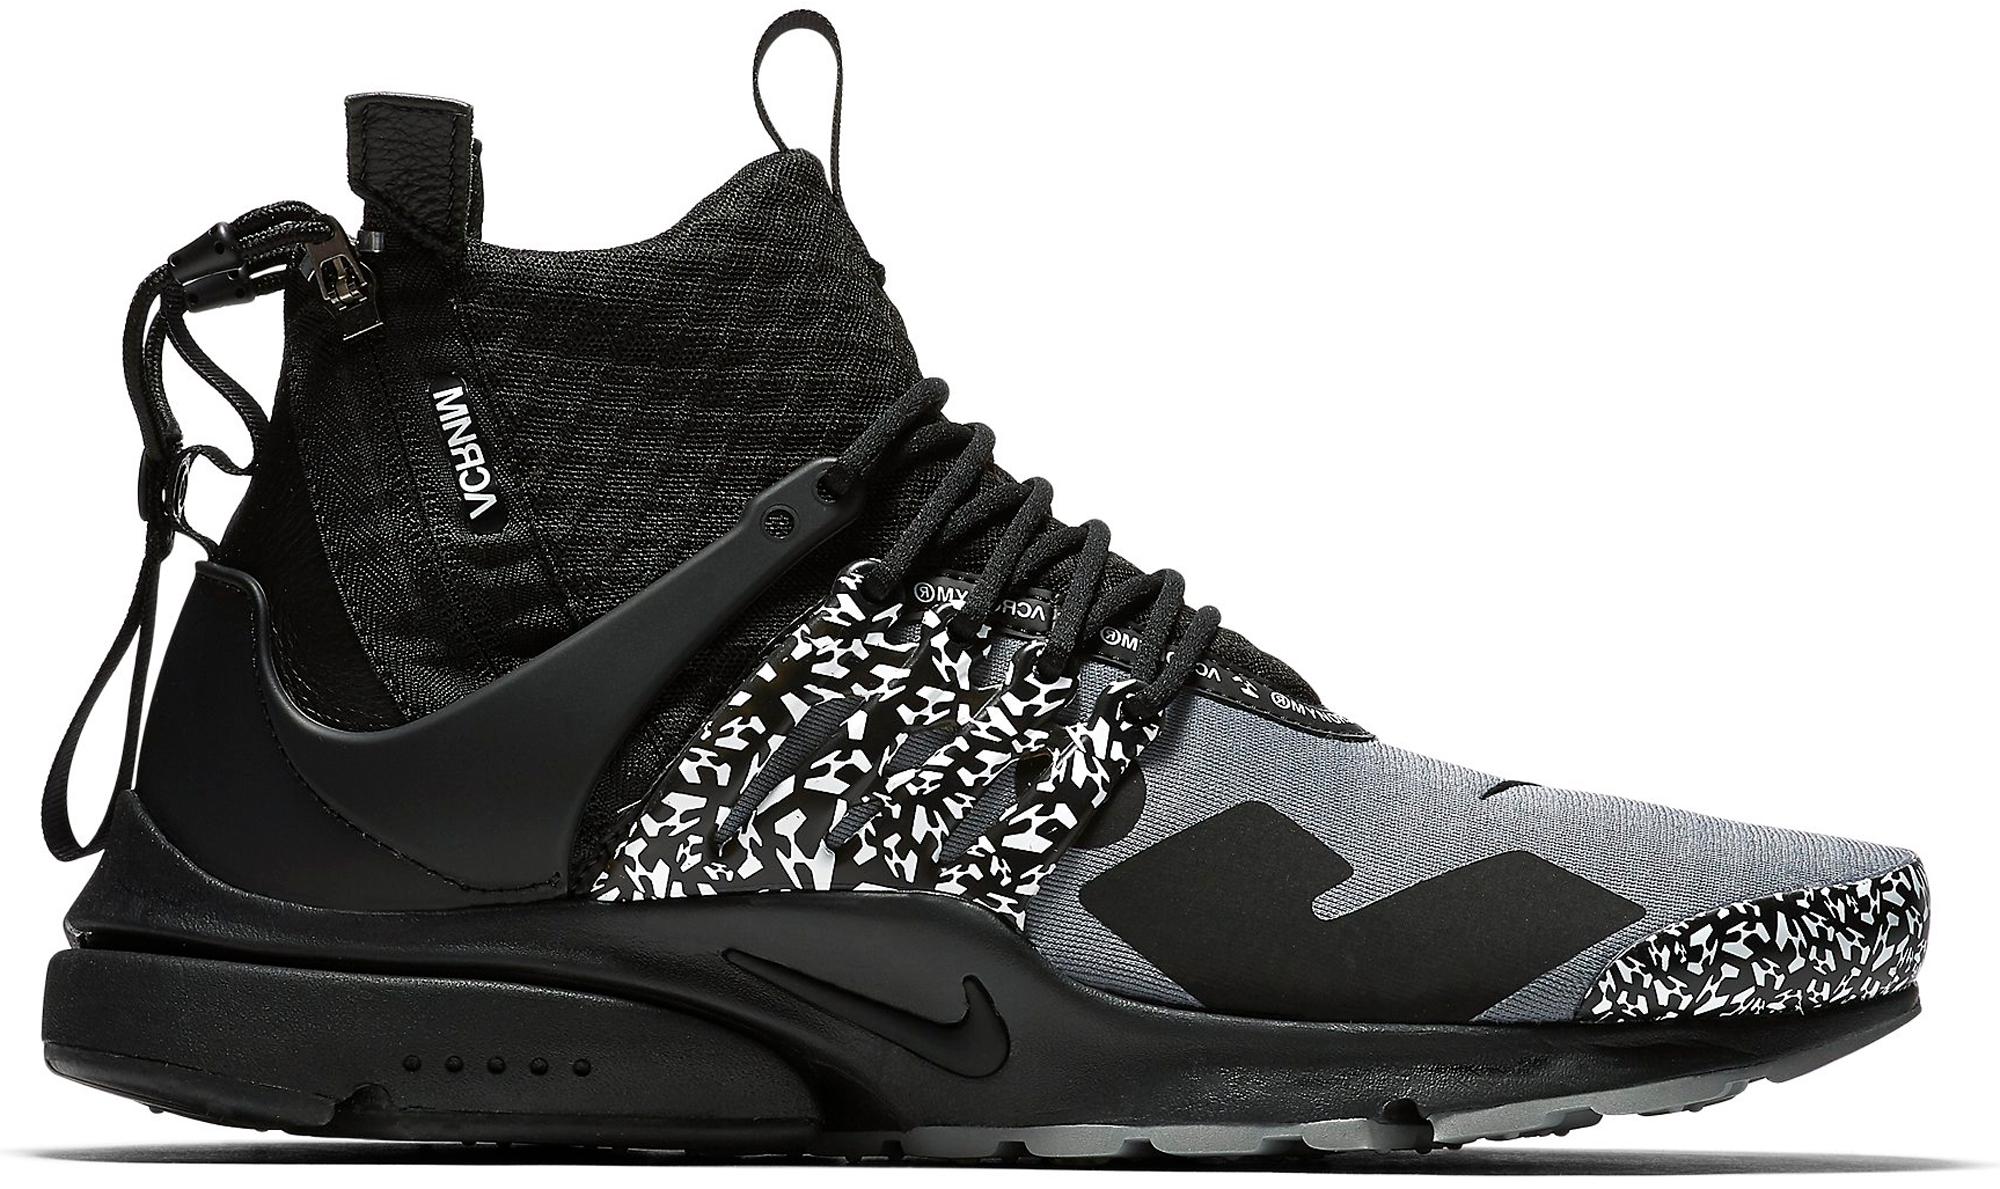 6b6b9f82824a Acronym Nike Air Presto Mid Cool Grey - StockX News